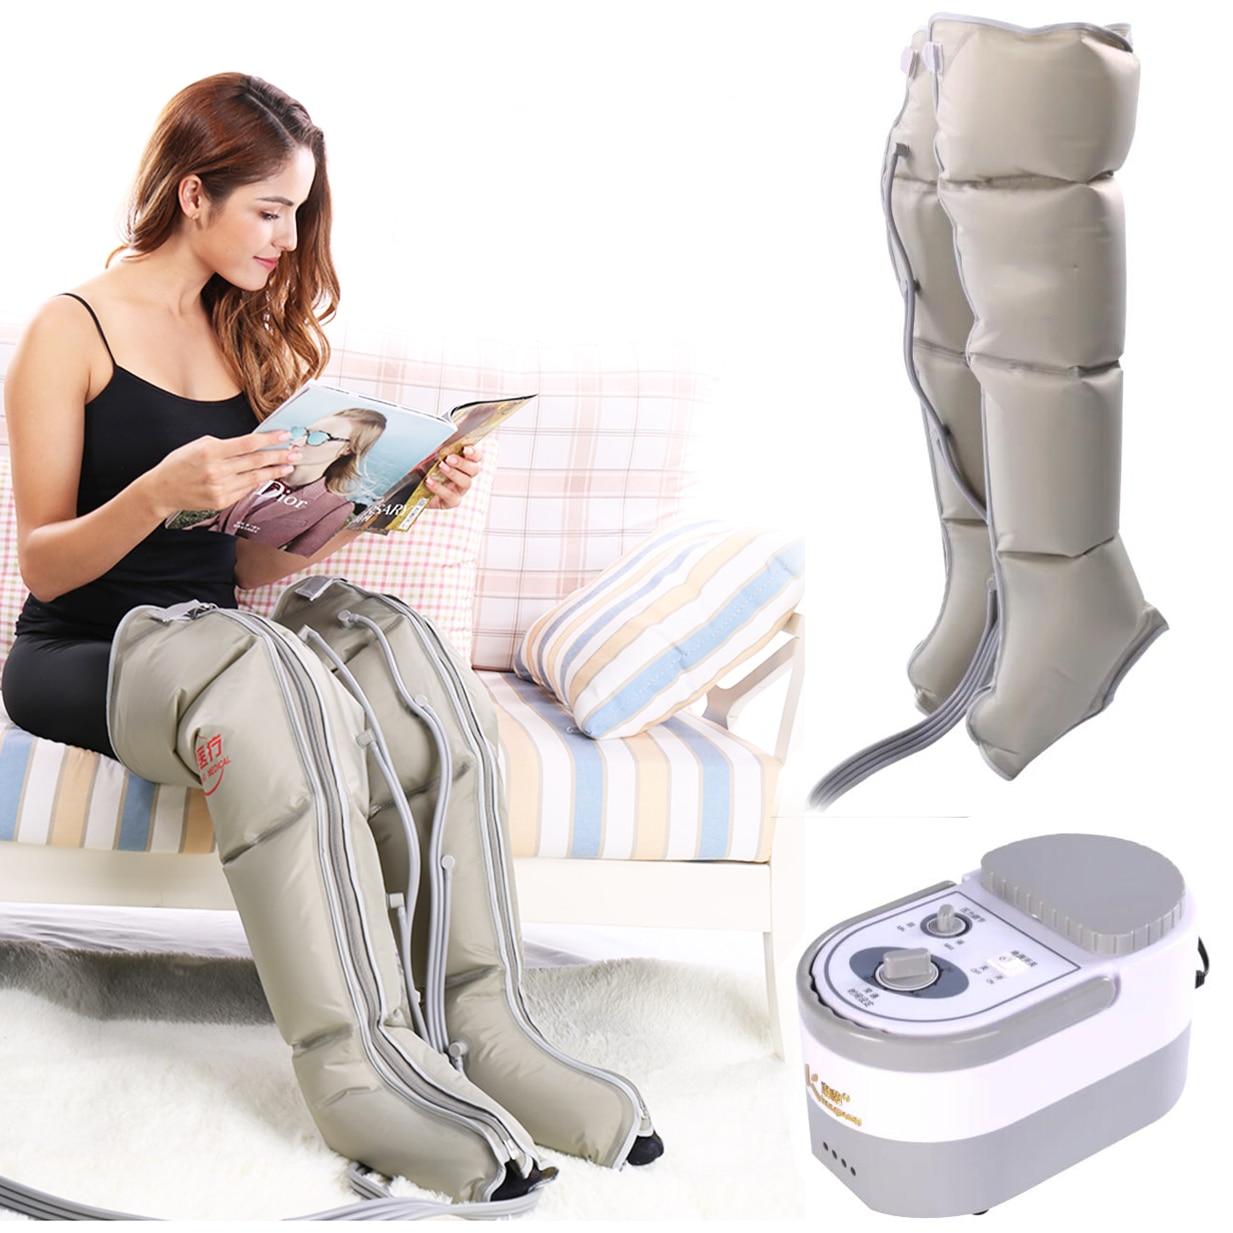 Masseur électrique de jambe de Compression d'air enveloppant la Machine de Massage de mollet de chevilles de pied favorisent la Circulation sanguine soulagent la Fatigue de douleur